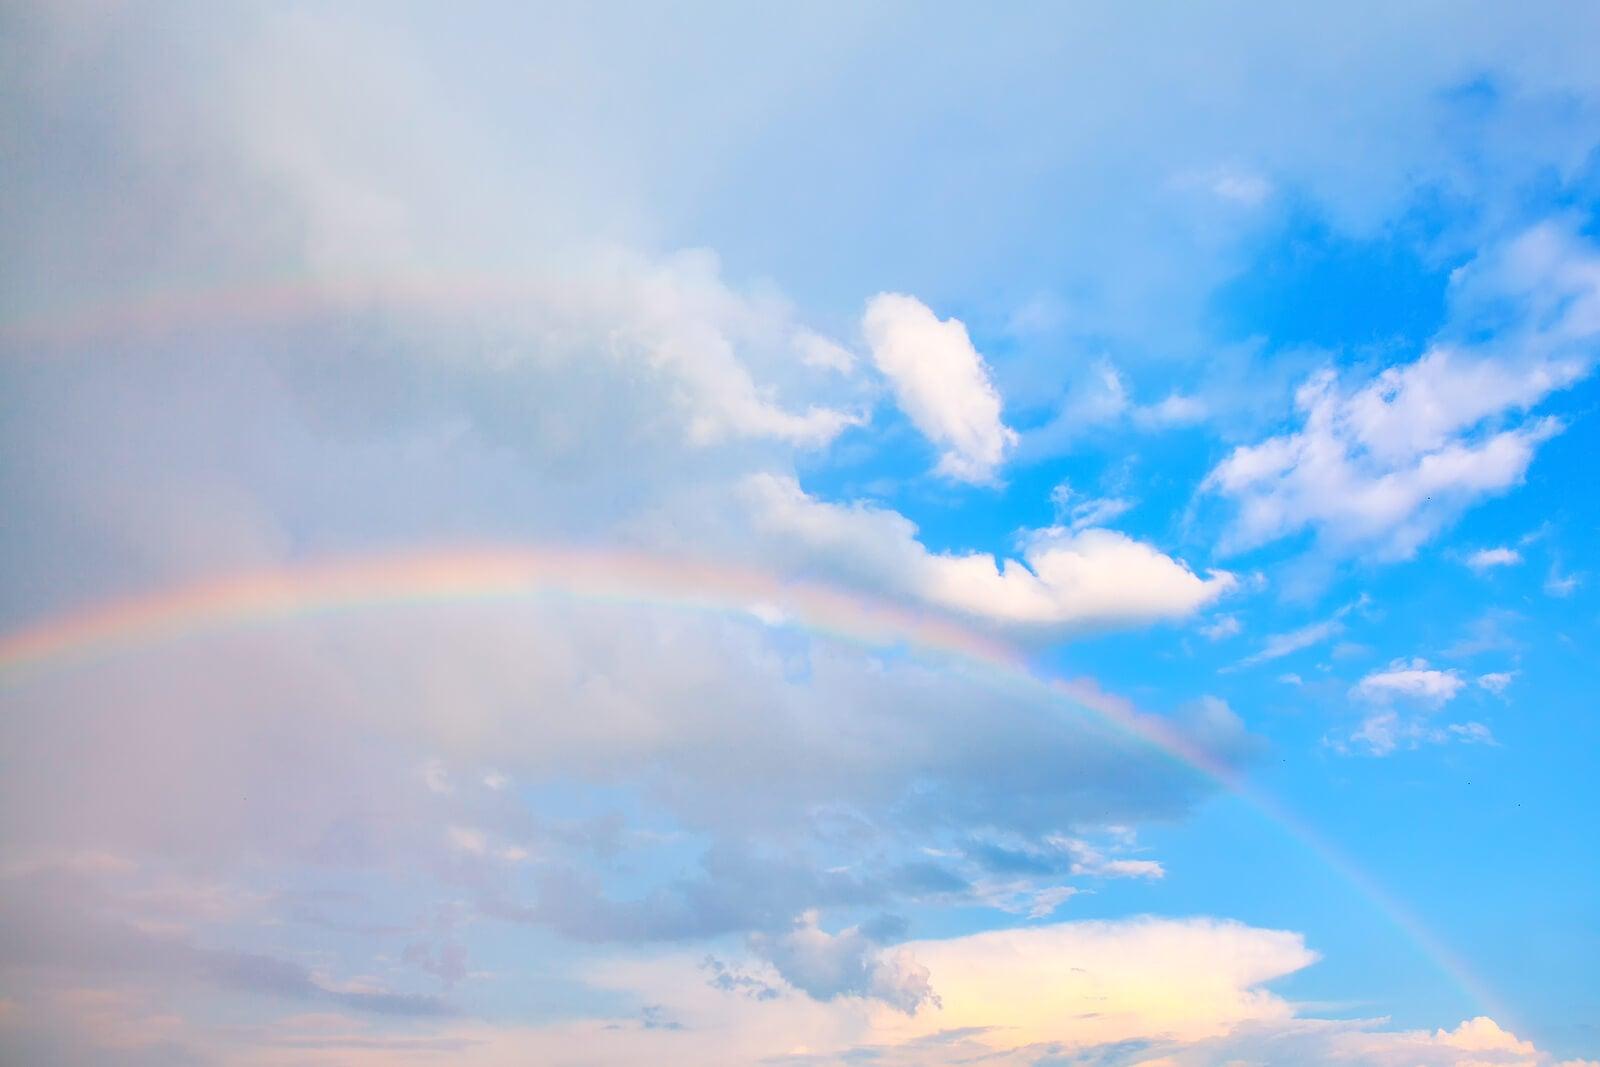 Arcoíris entre un cielo lluvioso y un cielo despejado.